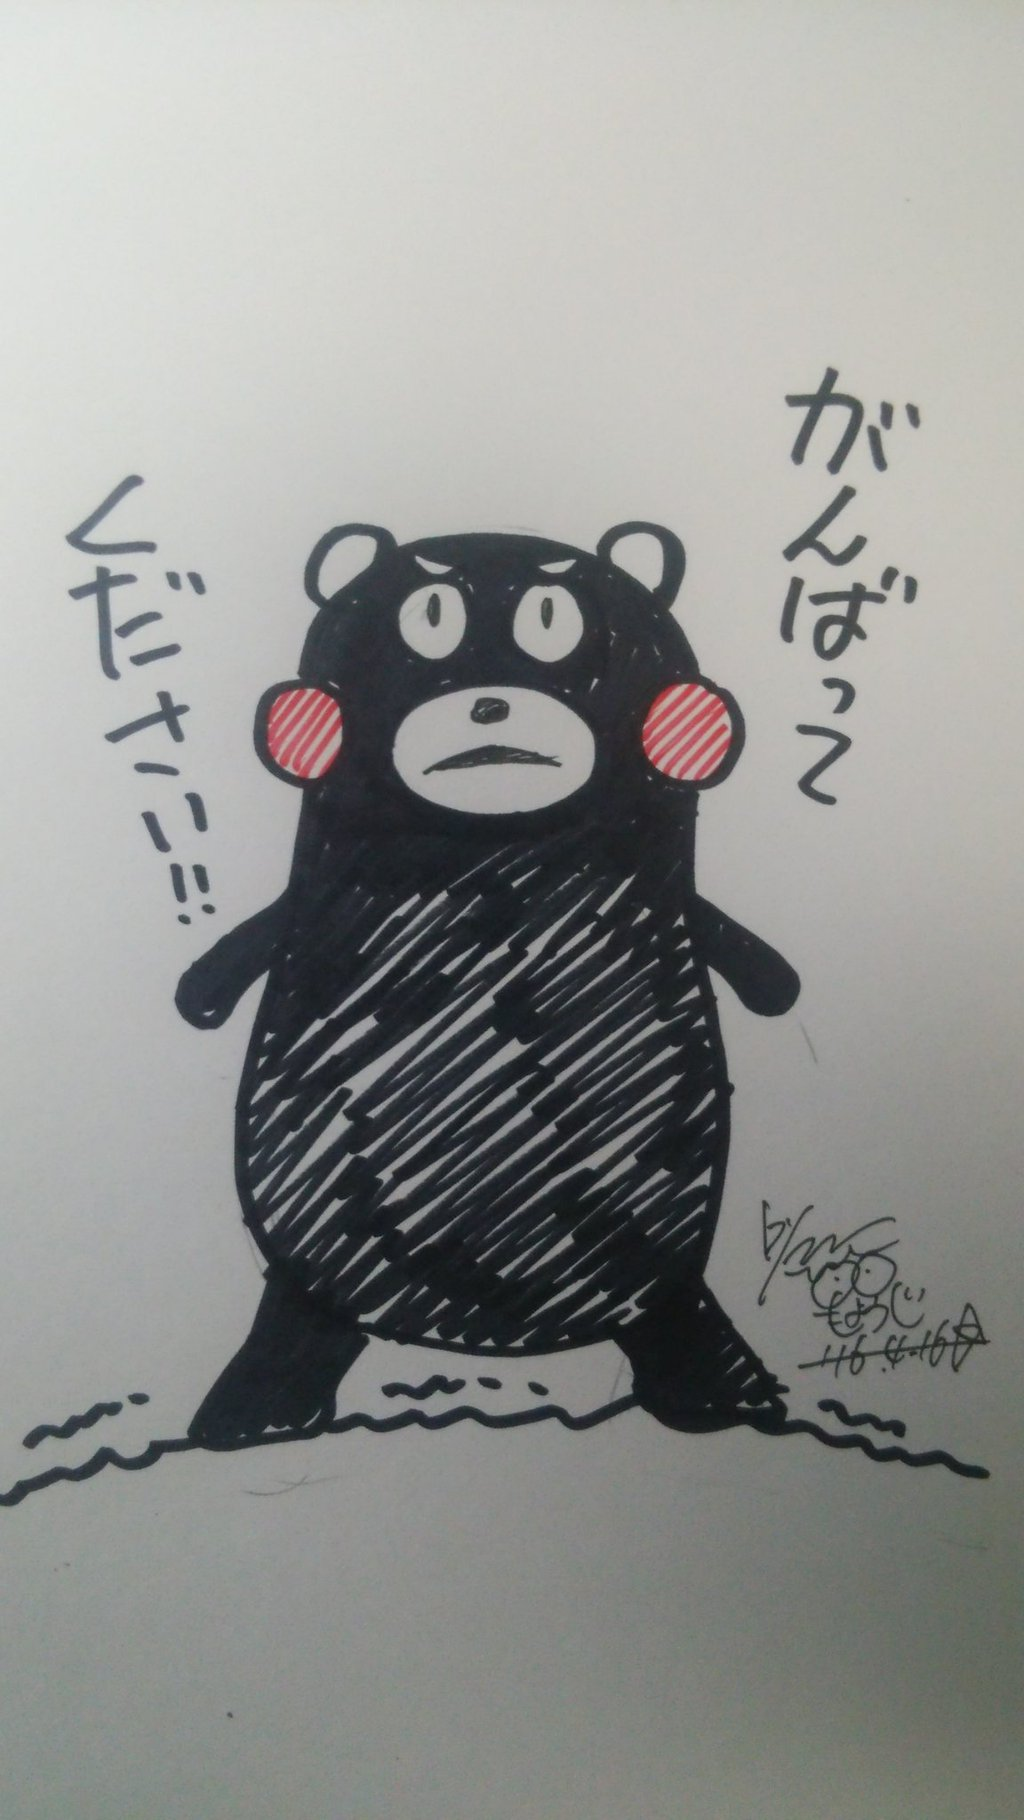 熊本地震の際にゆるキャラ「くまモン」を使った自筆イラストをインターネット上で公開する 運動